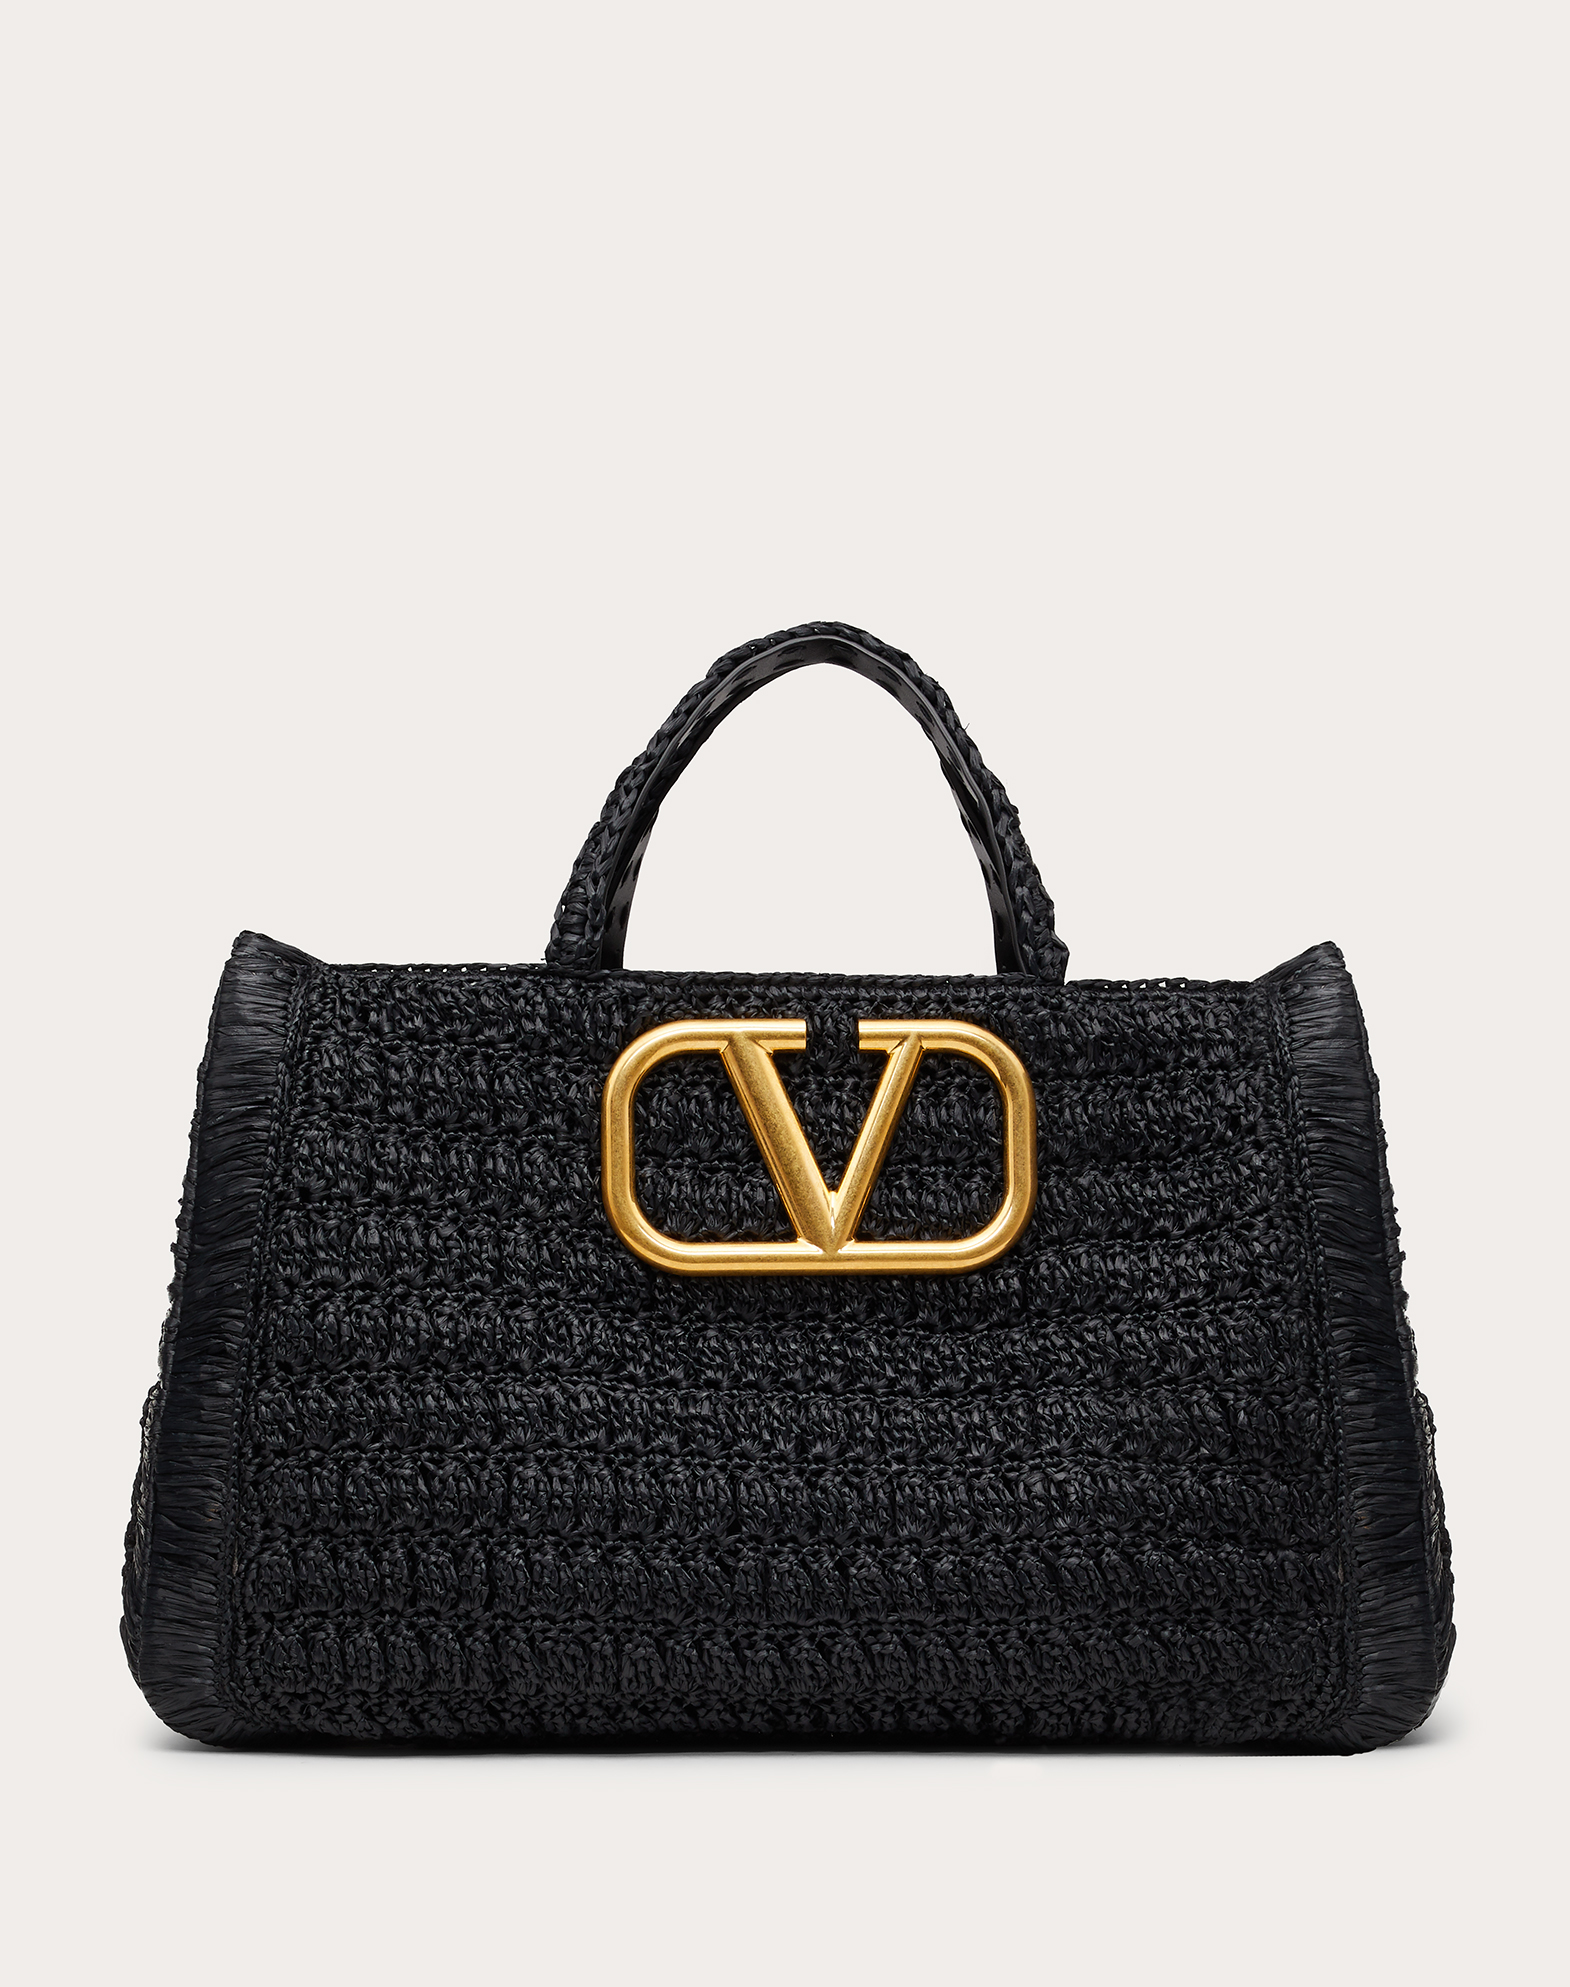 In.It Raffia Handbag